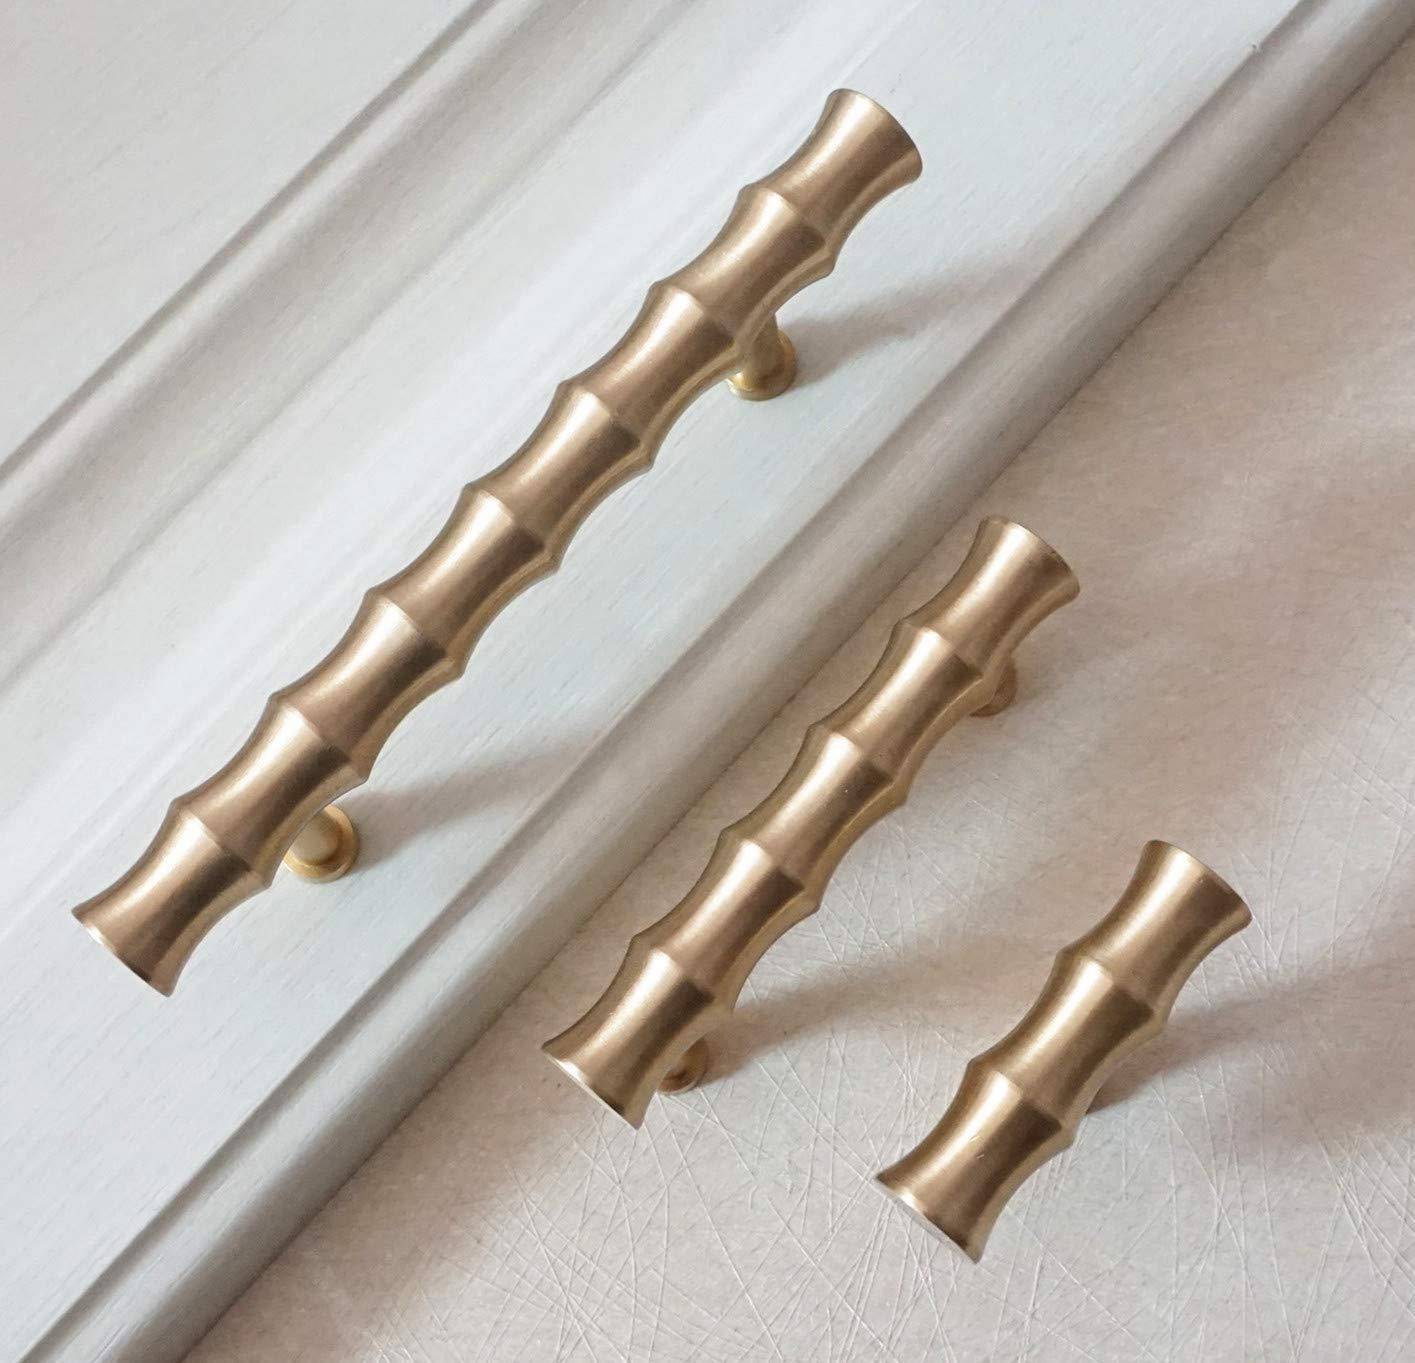 MOOD.SC 2,55 3,26 4,09 de bamb/ú caj/ón Perilla Dresser Tirador de lat/ón de oro gabinete tira hardware T perillas 65 83 103mm,SingleKnob